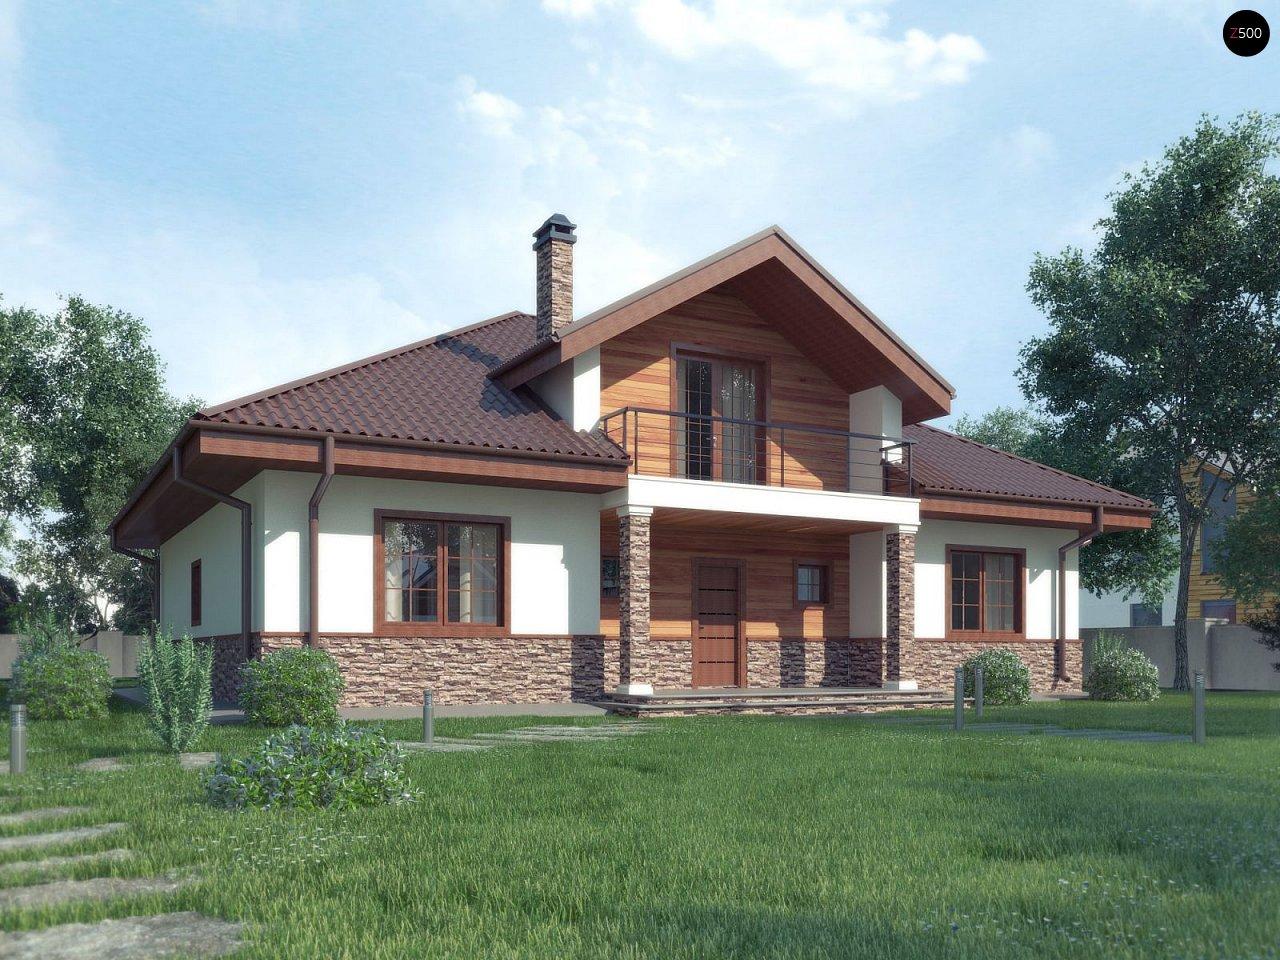 Комфортный дом с открытой мансардой в традиционном стиле (версия проекта Z10) - фото 1